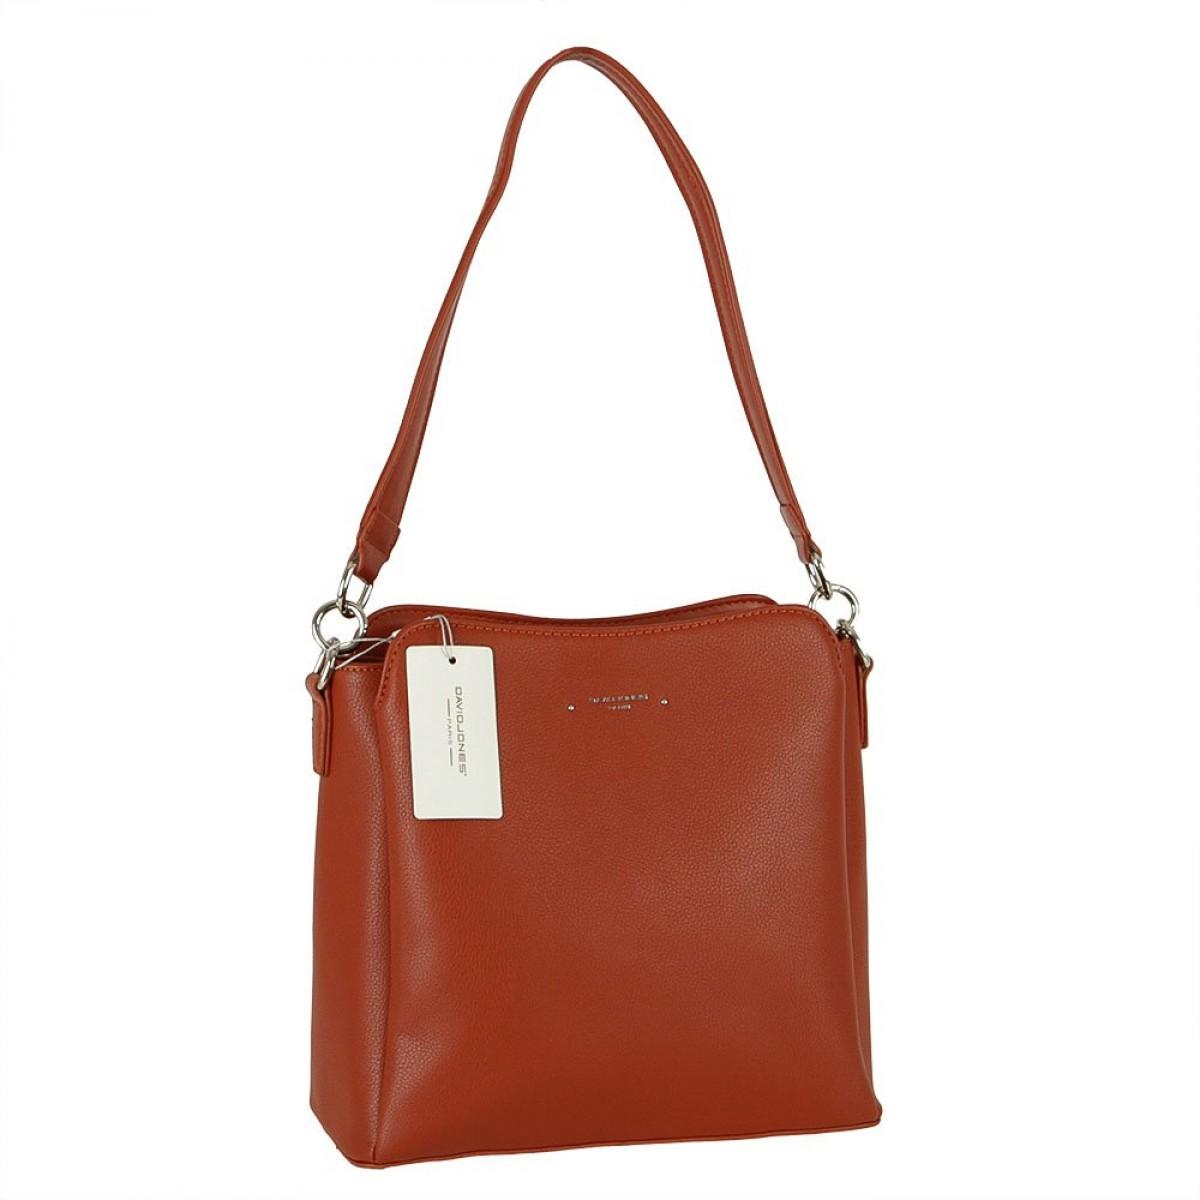 Жіноча сумка David Jones 6417-2A COGNAC